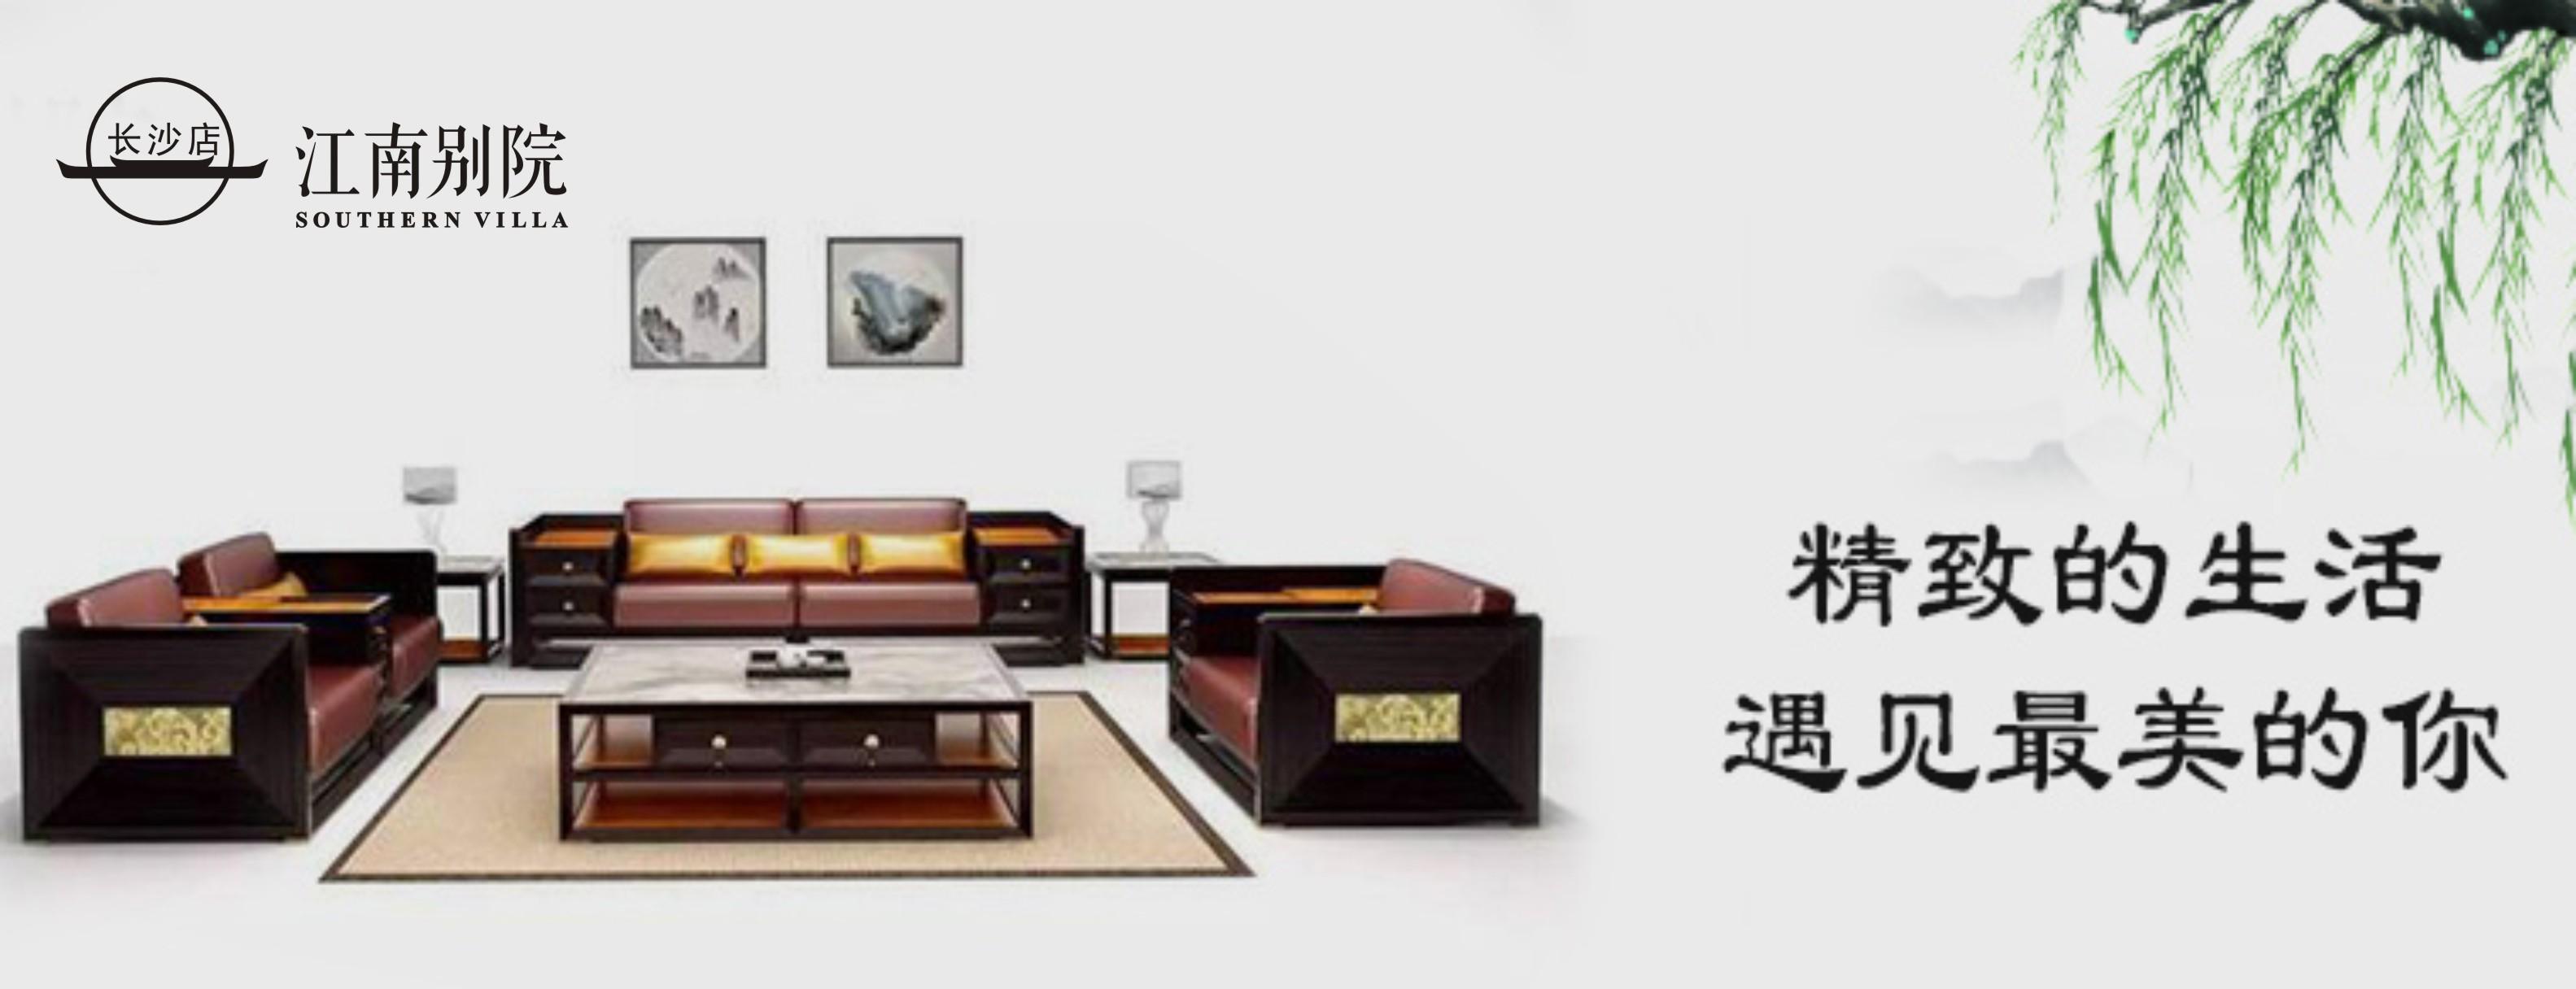 江南别院新中式家具,长沙红木家具